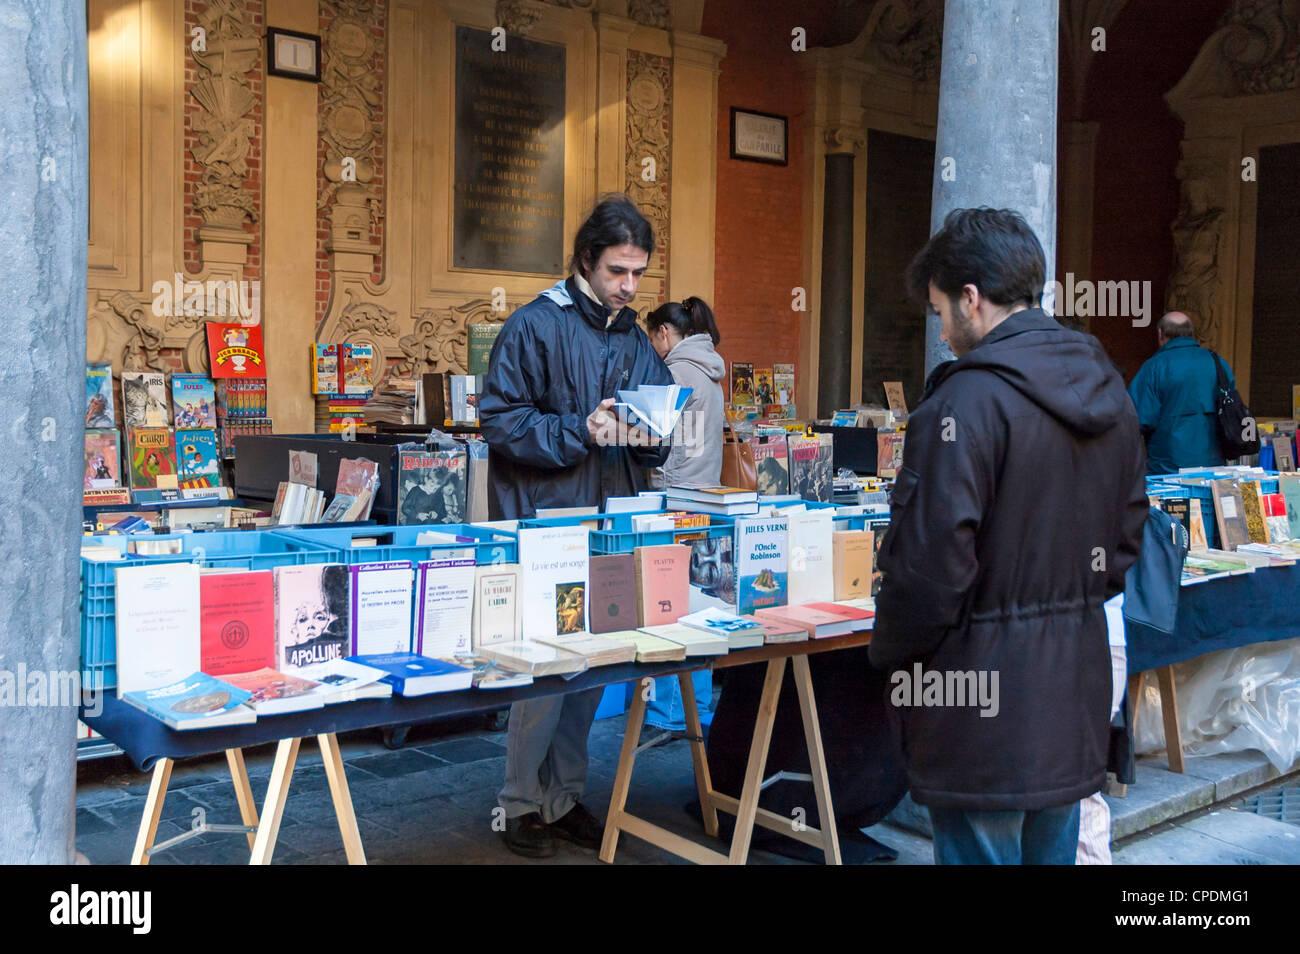 Libro calar en un mercado en Lille, Francia Imagen De Stock